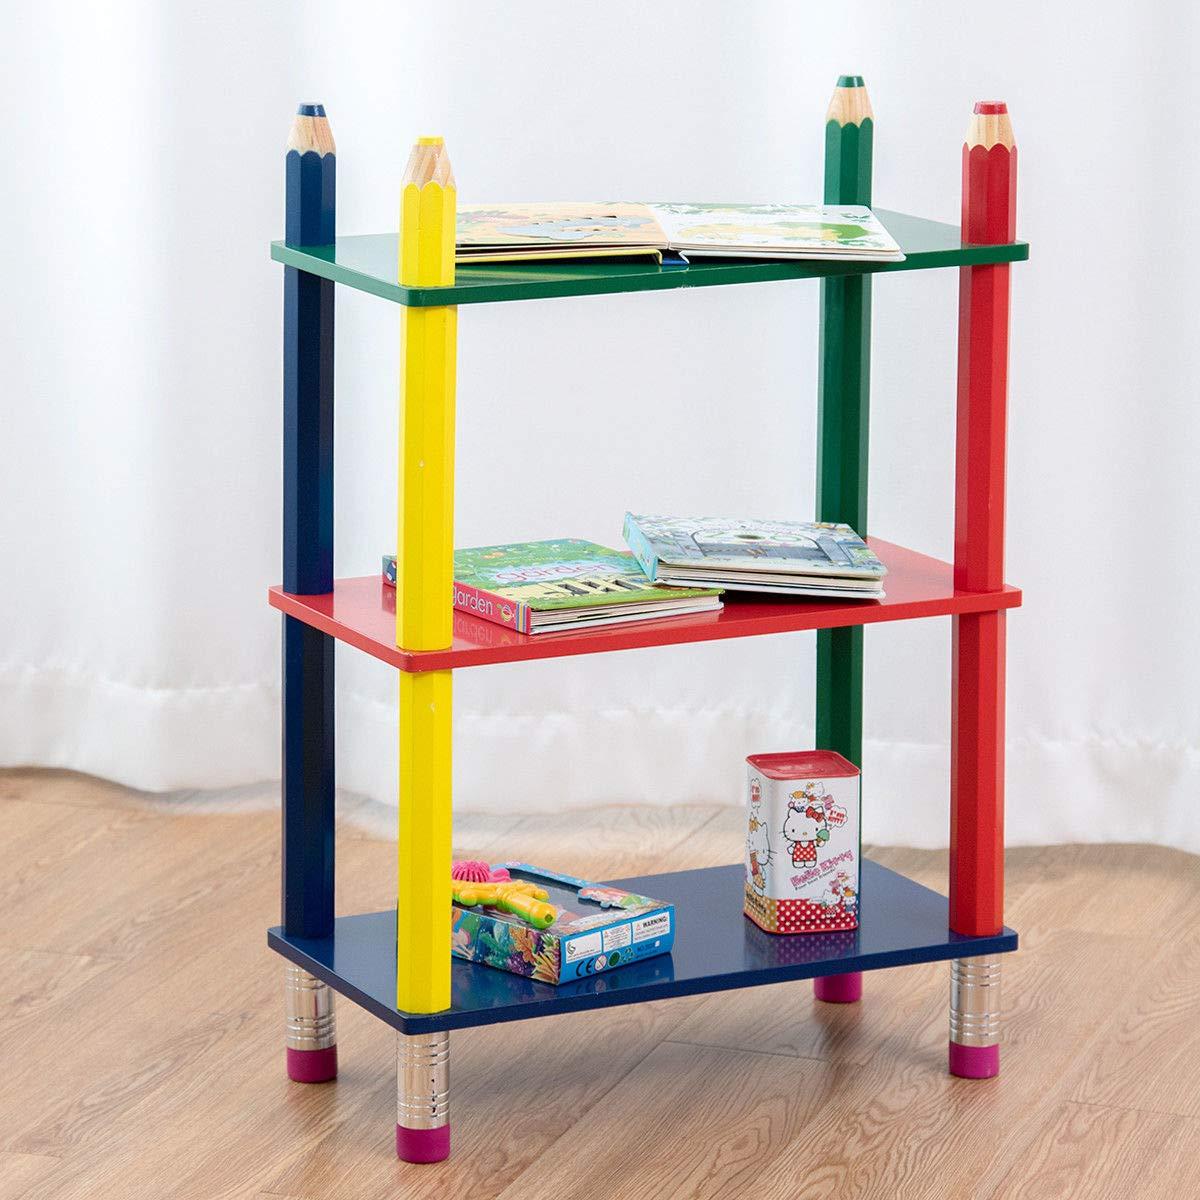 Modello 1 Costway Scaffale per Bambini Libreria a 3 Ripiani Porta Giocattoli in MDF Ecologico 48 x 24 x 72 cm